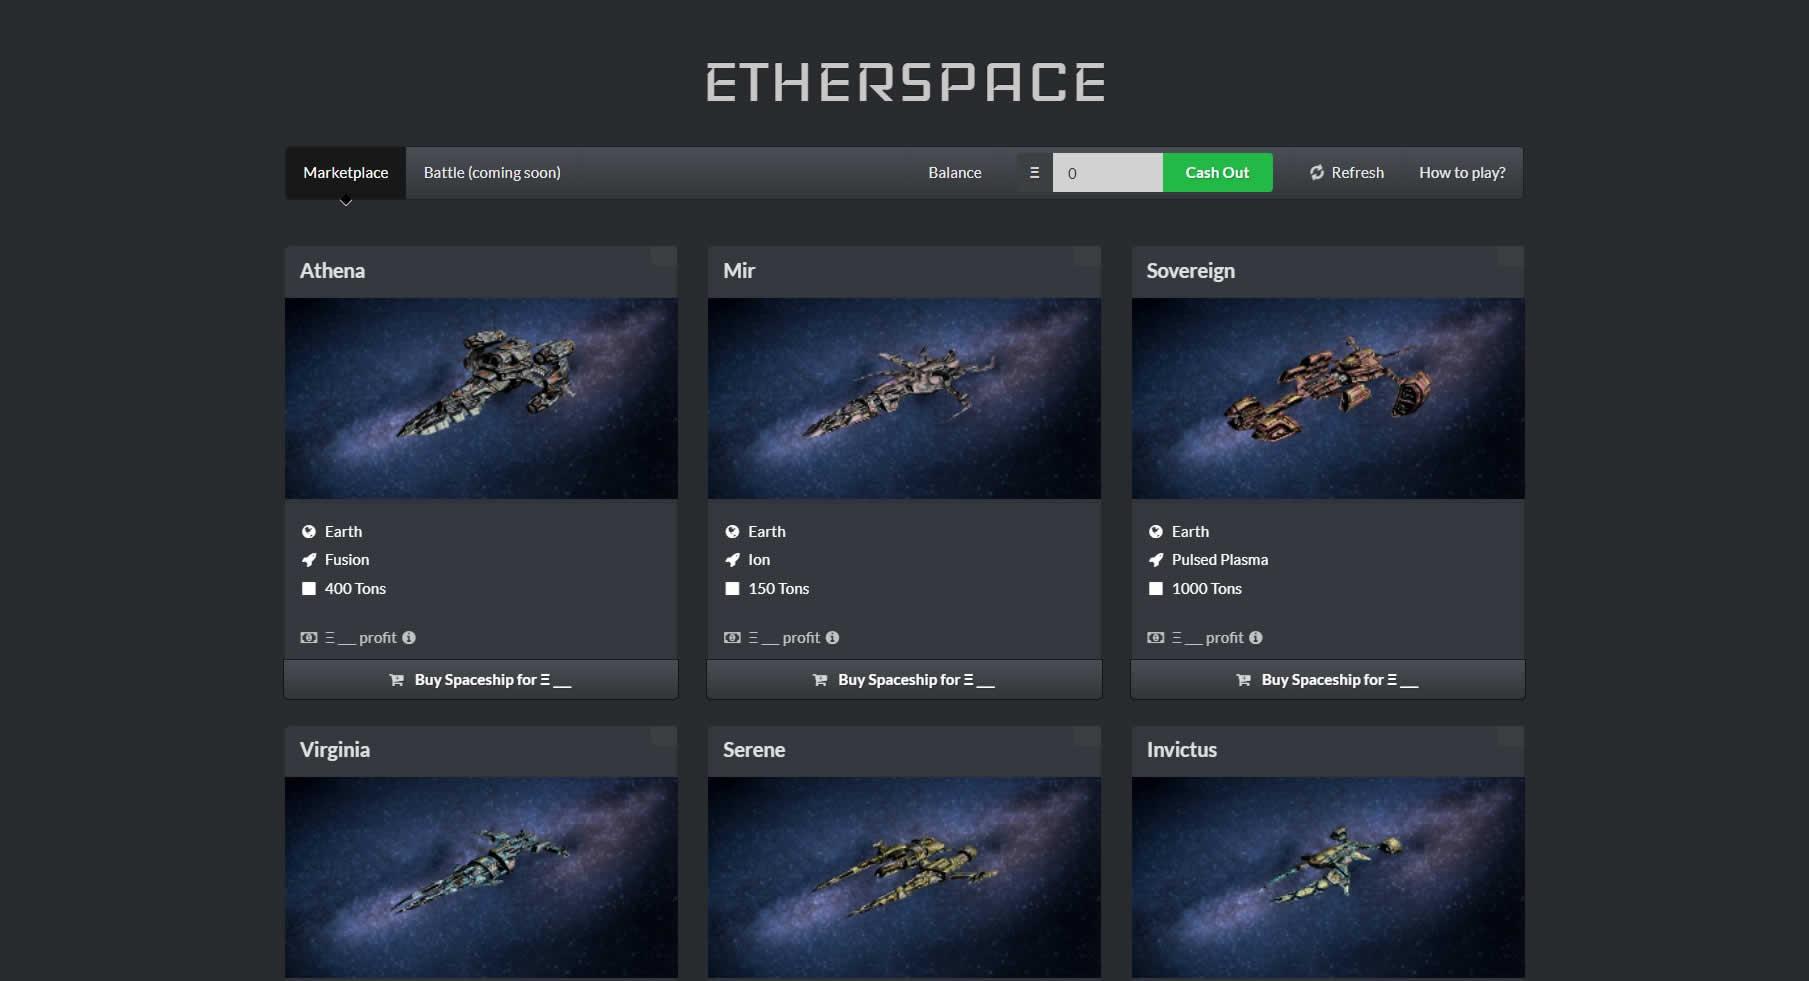 イーサリアムで宇宙を駆ける!DApps「EtherSpace(イーサースペース)」の特徴と遊び方は?